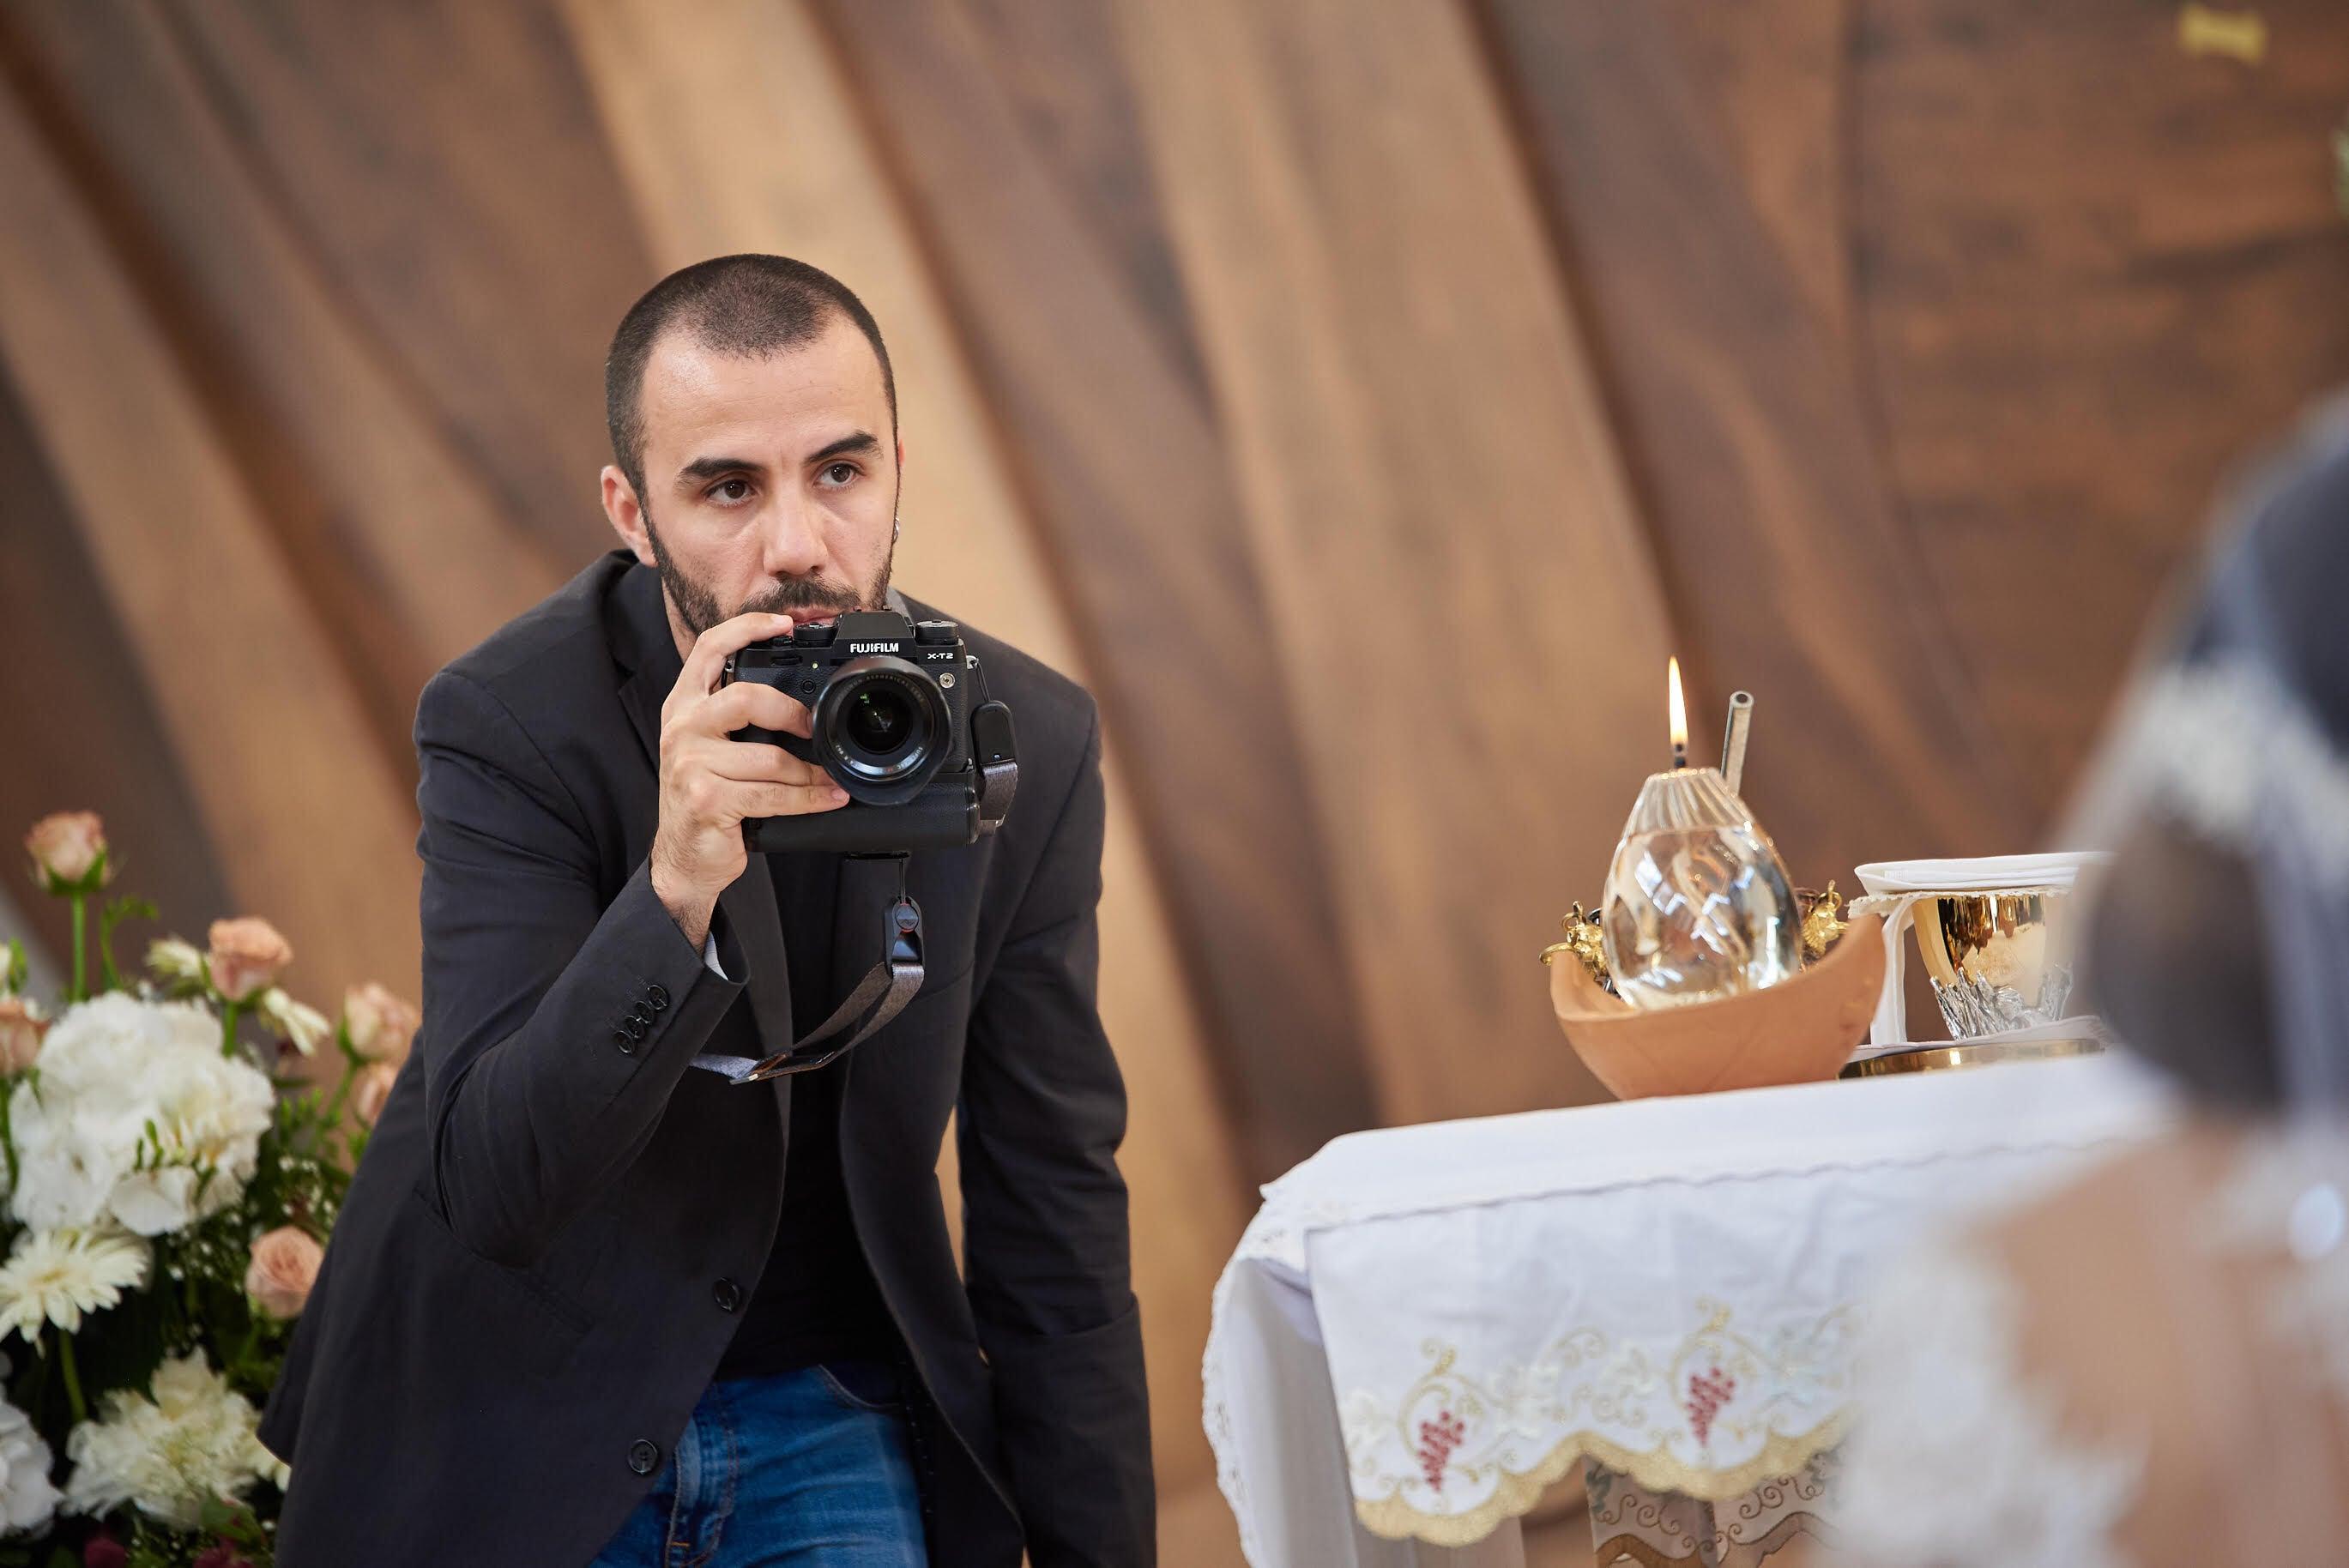 Rendi eterno il tuo giorno più bello - Pierpaolo Perri - Fotografo in Positano